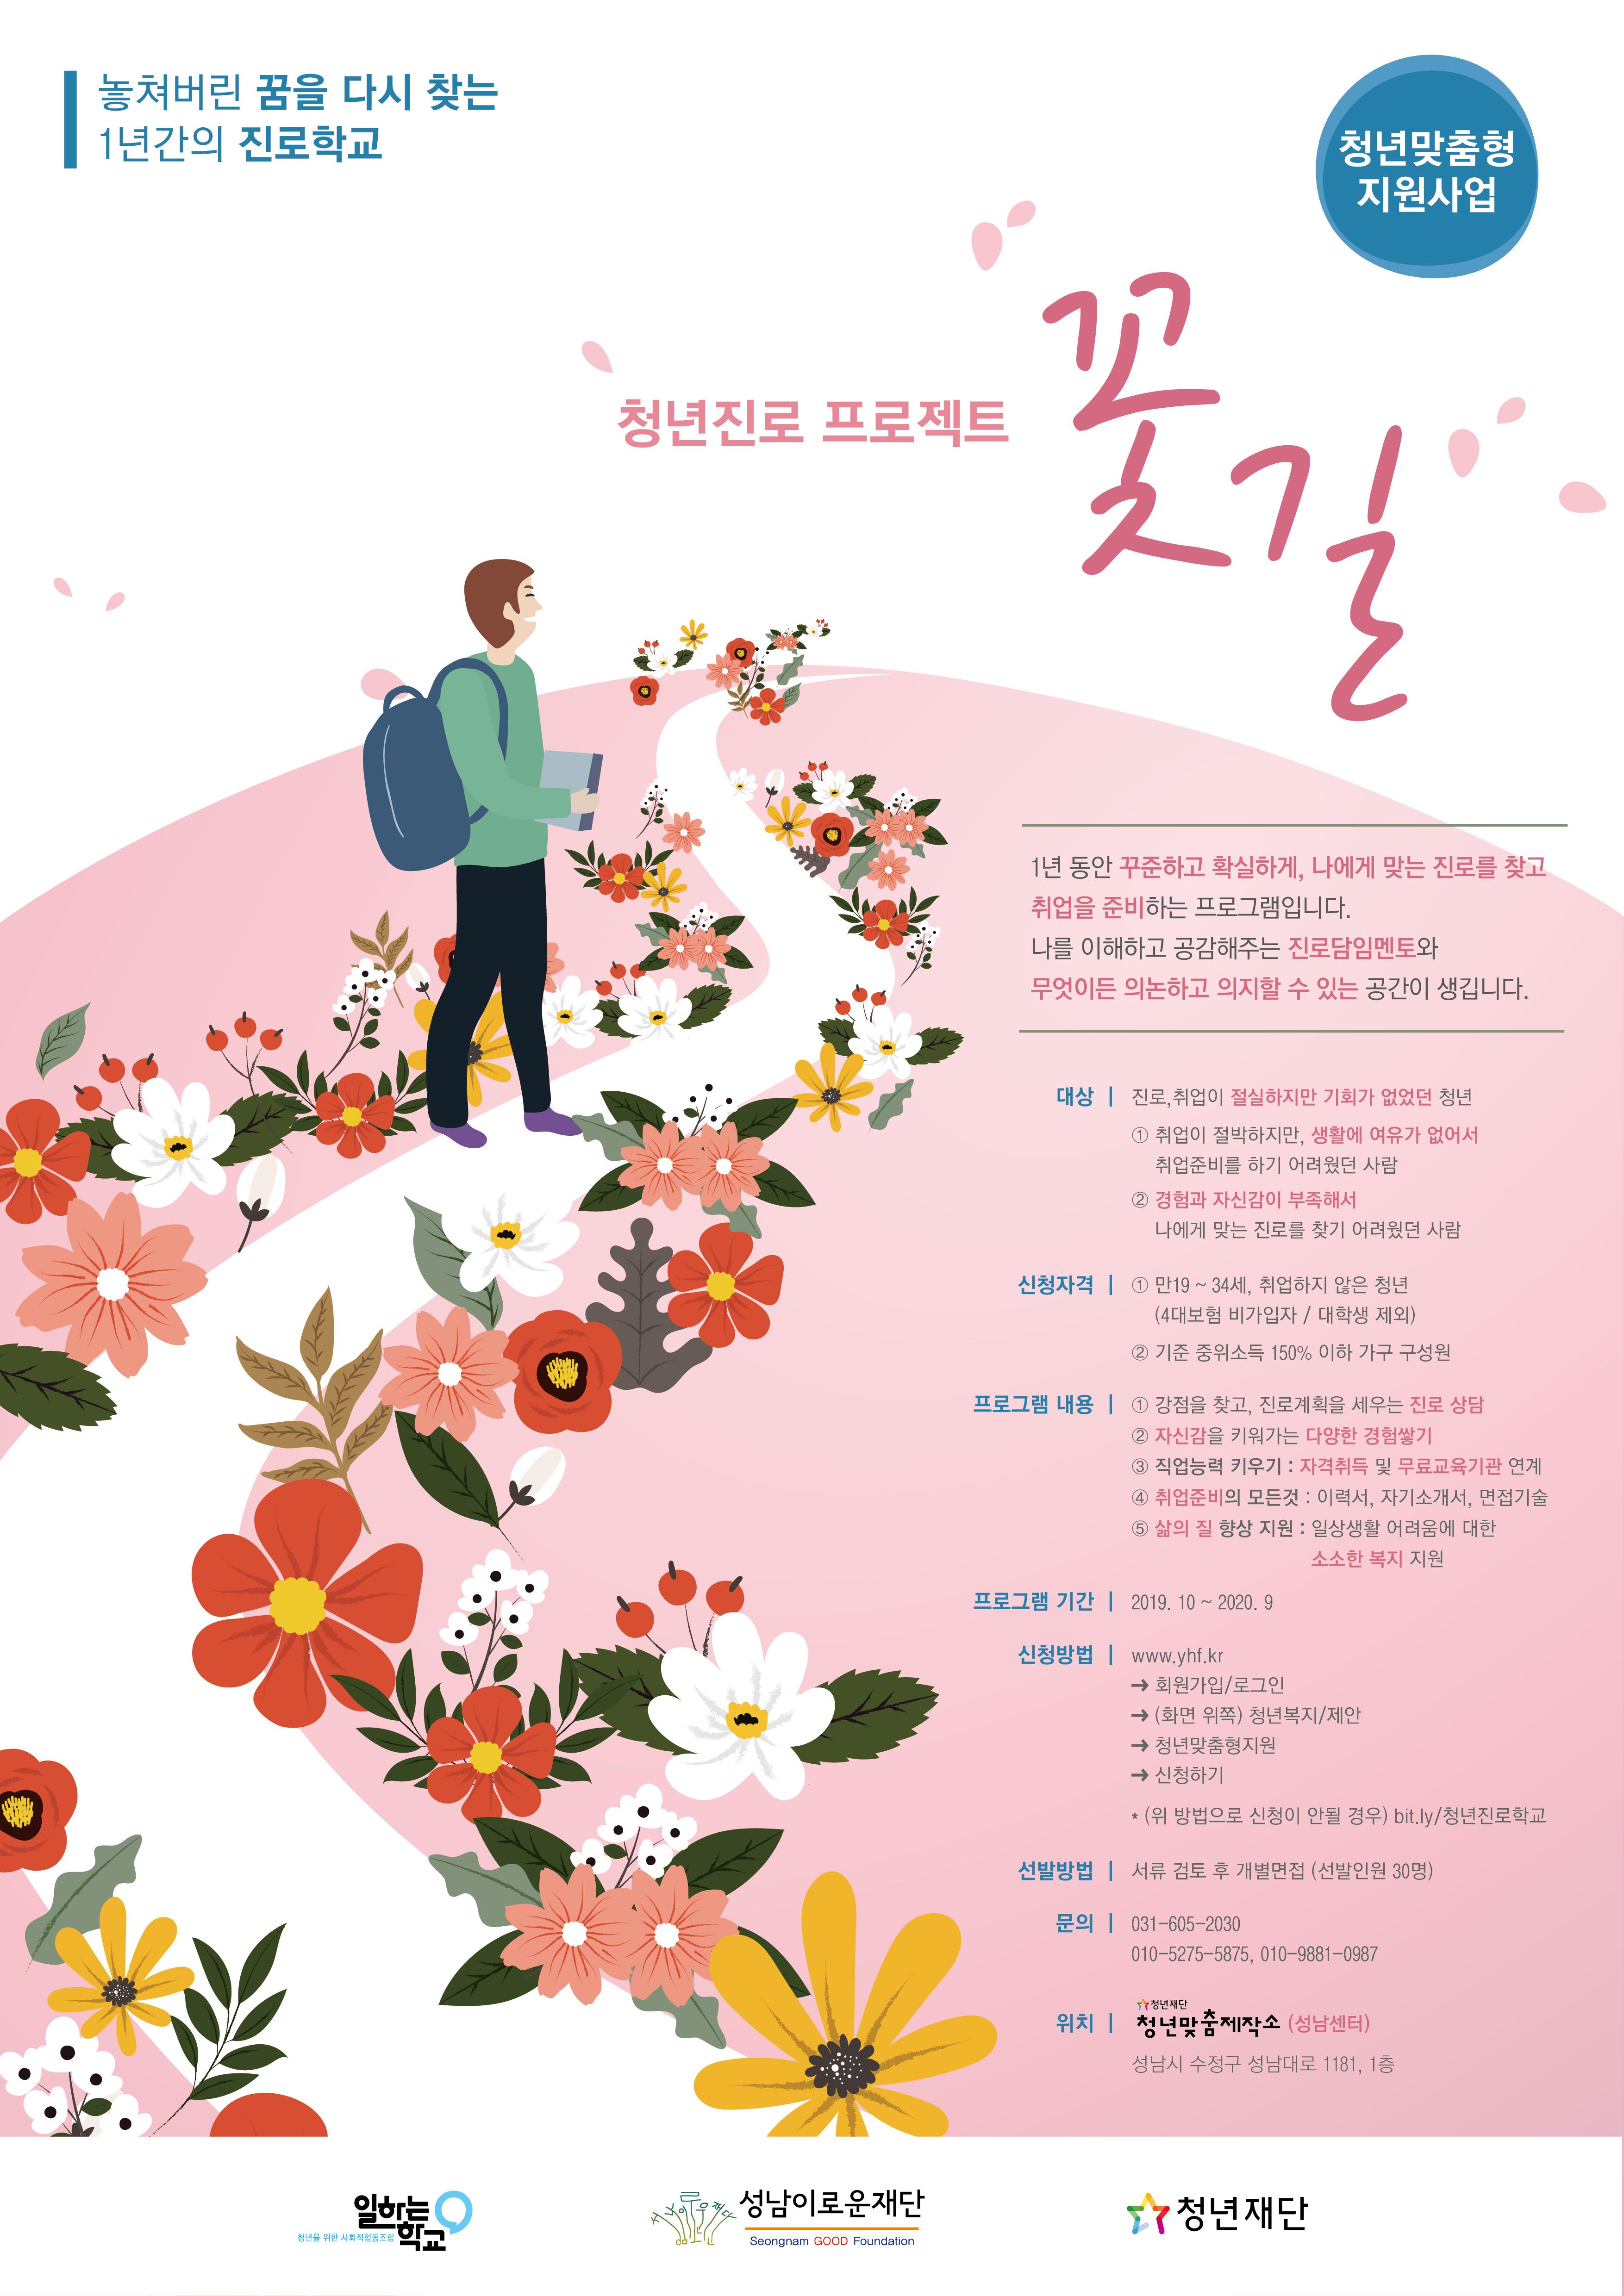 [참가자 모집] 진로취업프로젝트 '꽃길'